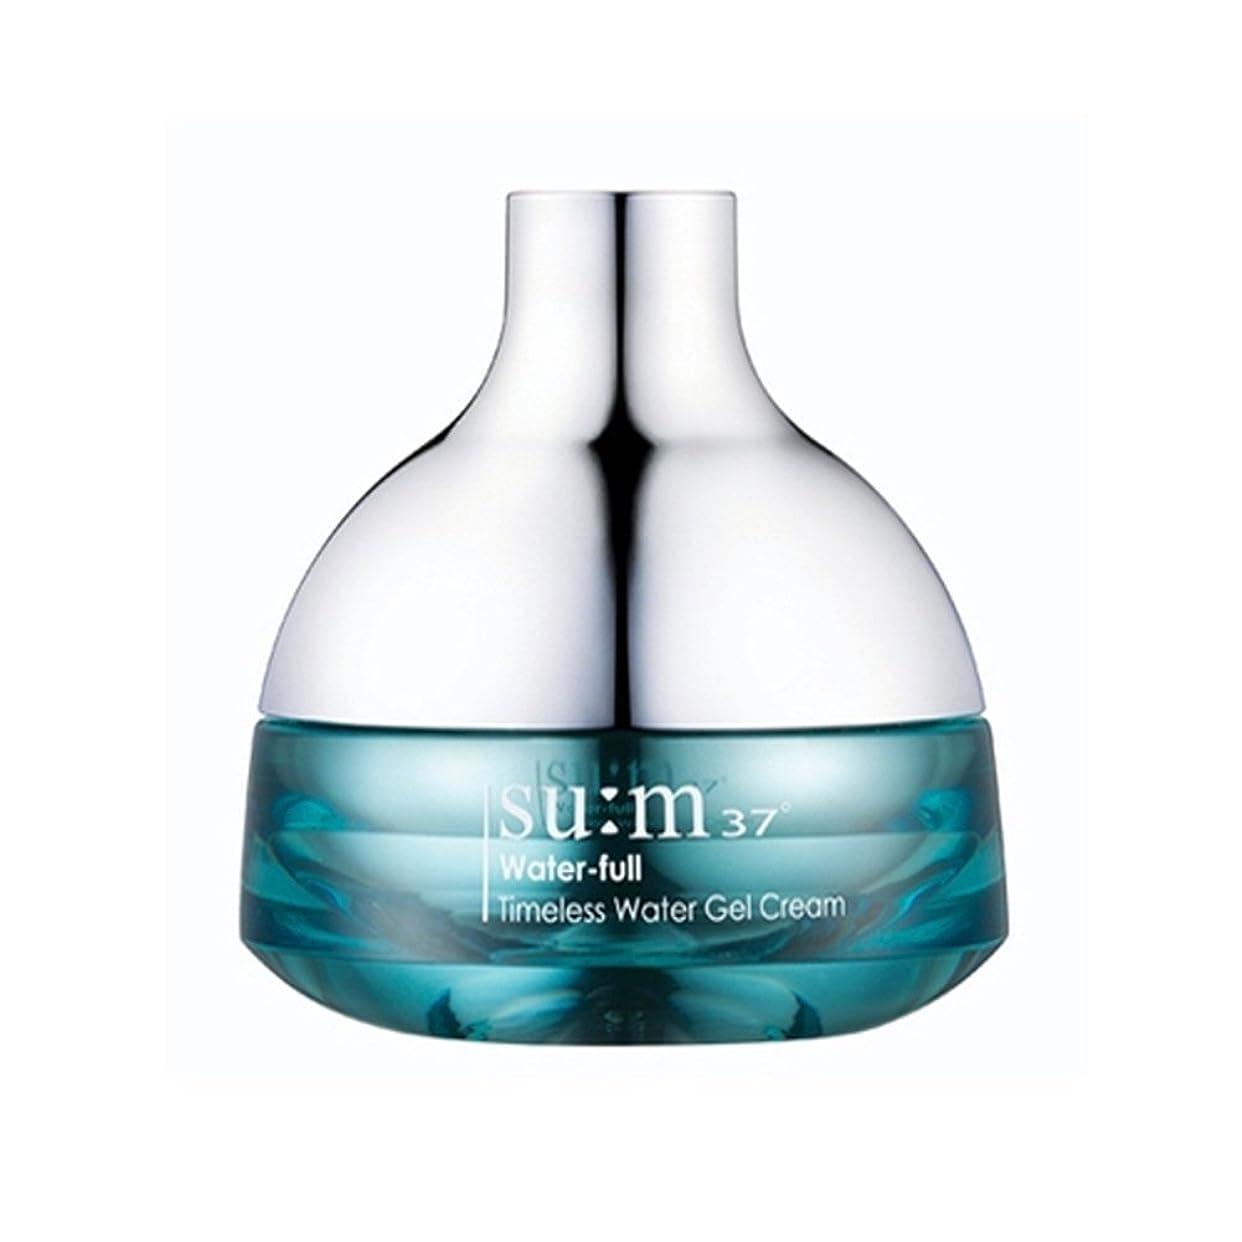 テンション隣接冷蔵庫[su:m37/スム37°] SUM37 Water-full Timeless Water Gel Cream 50ml/WF07 sum37 ウォータフル タイムレス ウォータージェルクリーム 50ml +[Sample Gift](海外直送品)